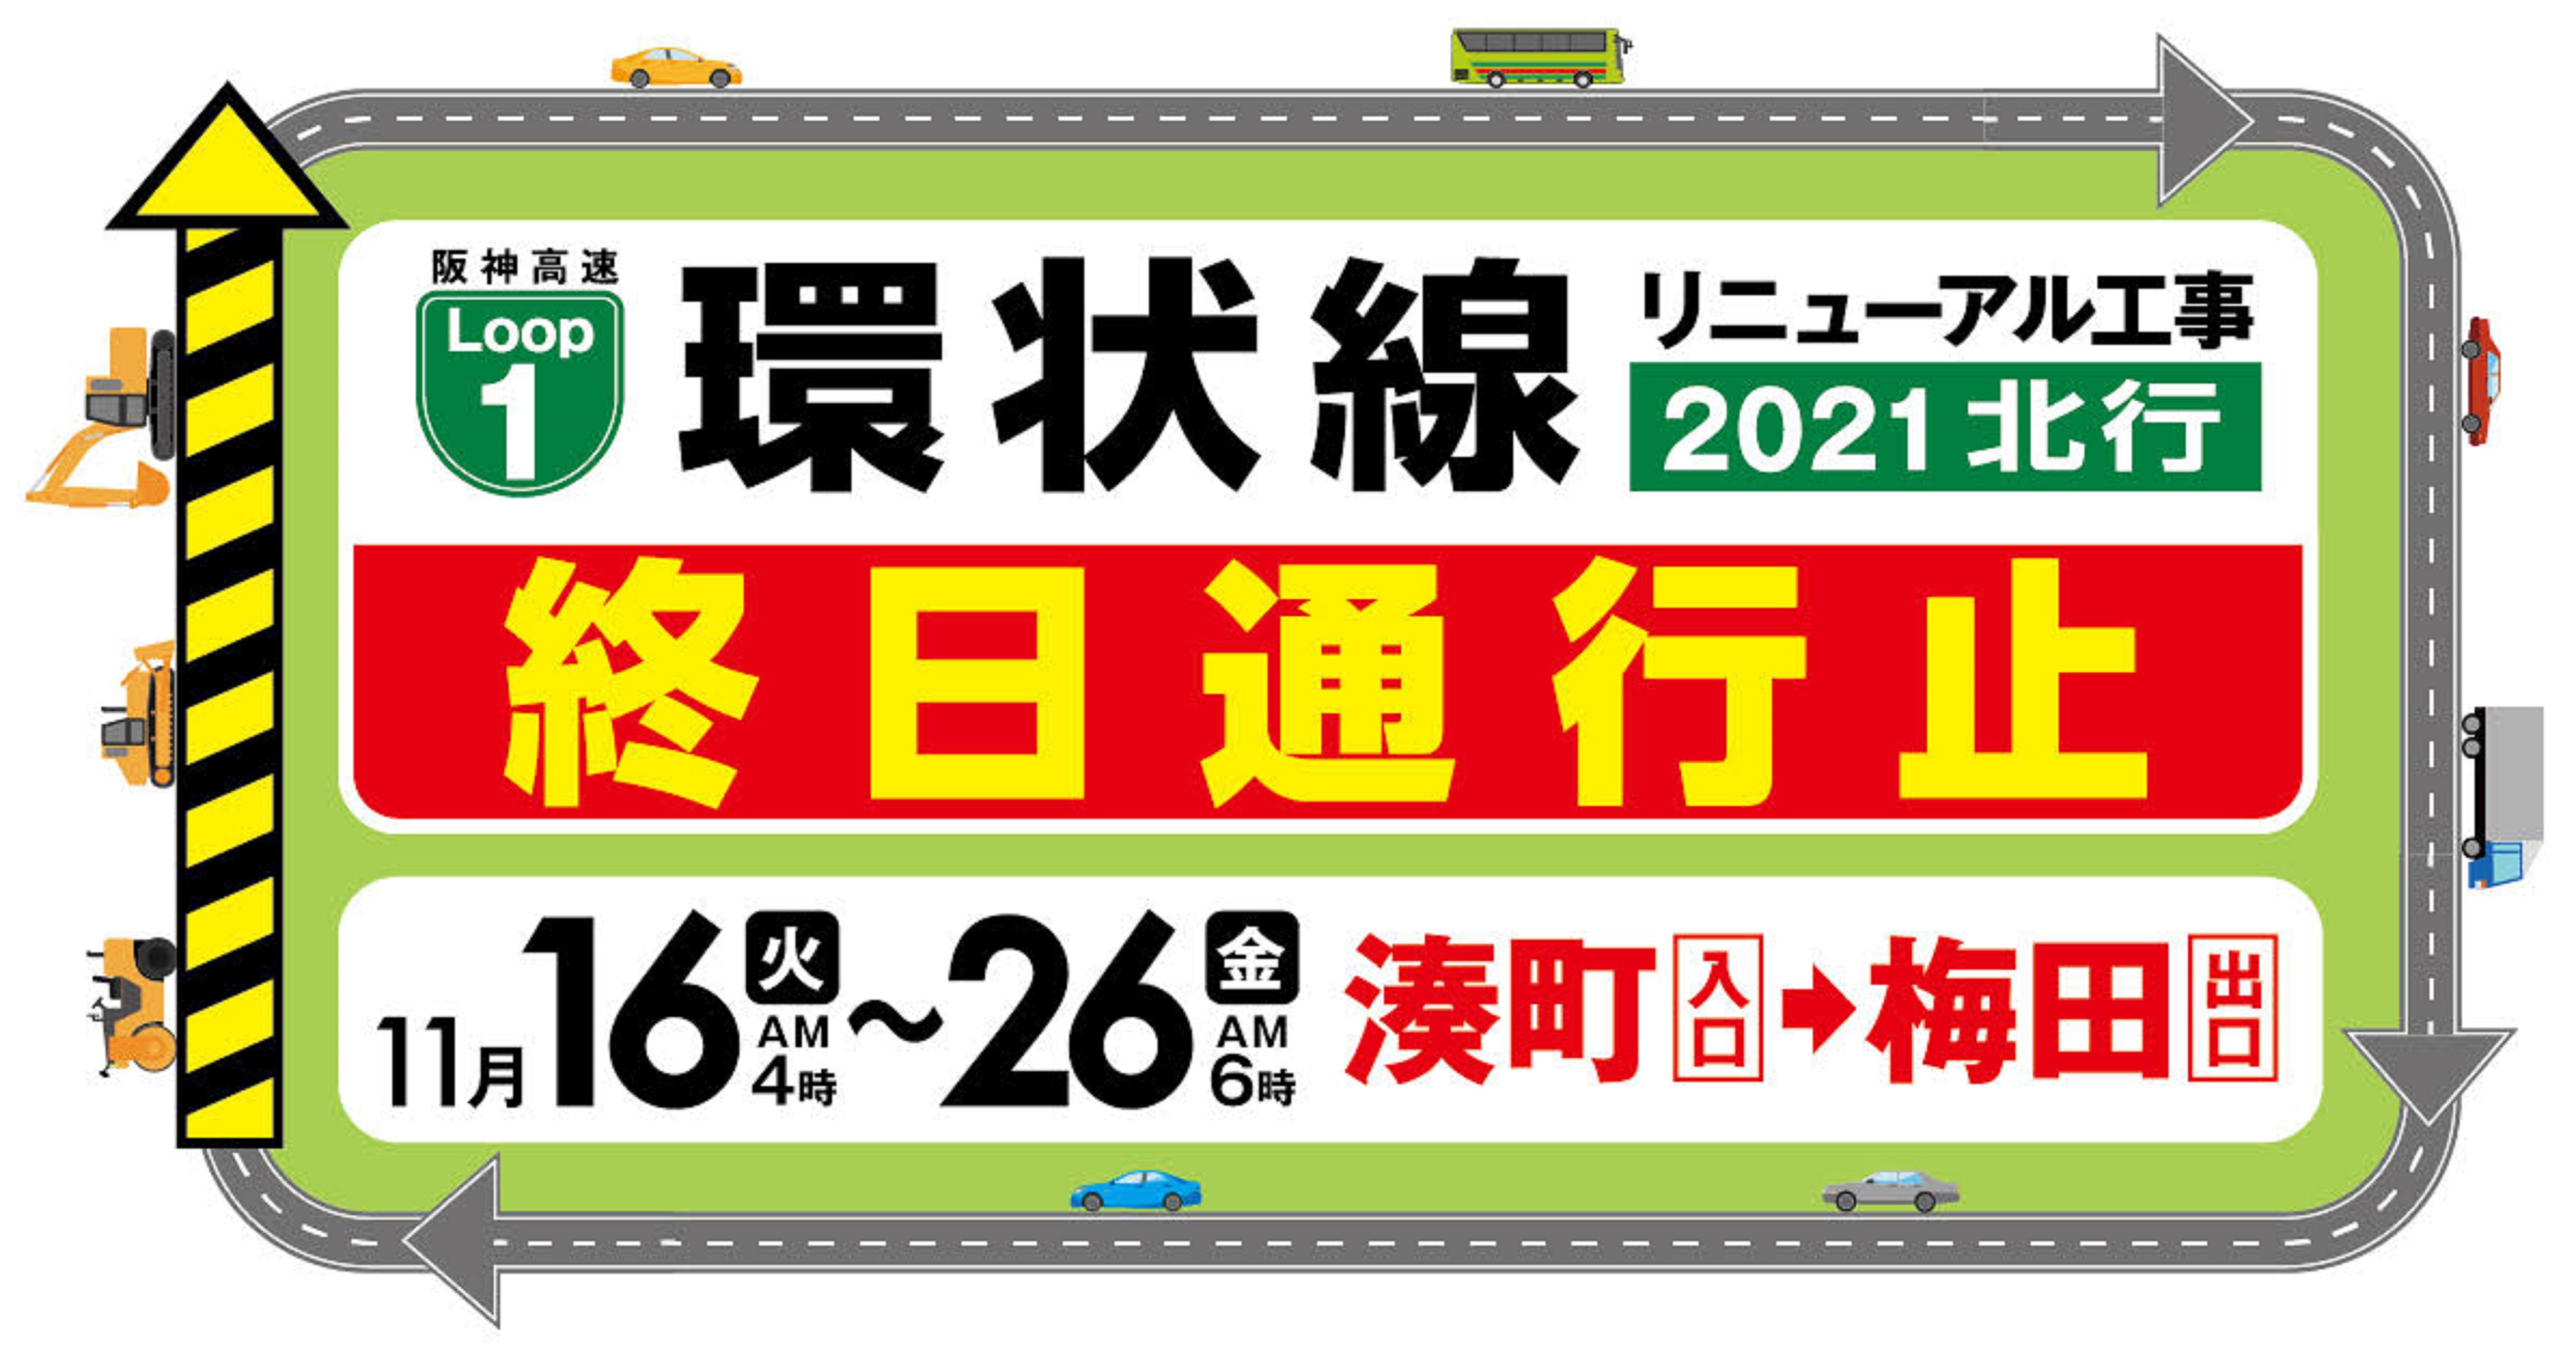 阪神高速1号環状線でリニューアル工事を実施 11月16~26日に北行で終日通行止め 画像1